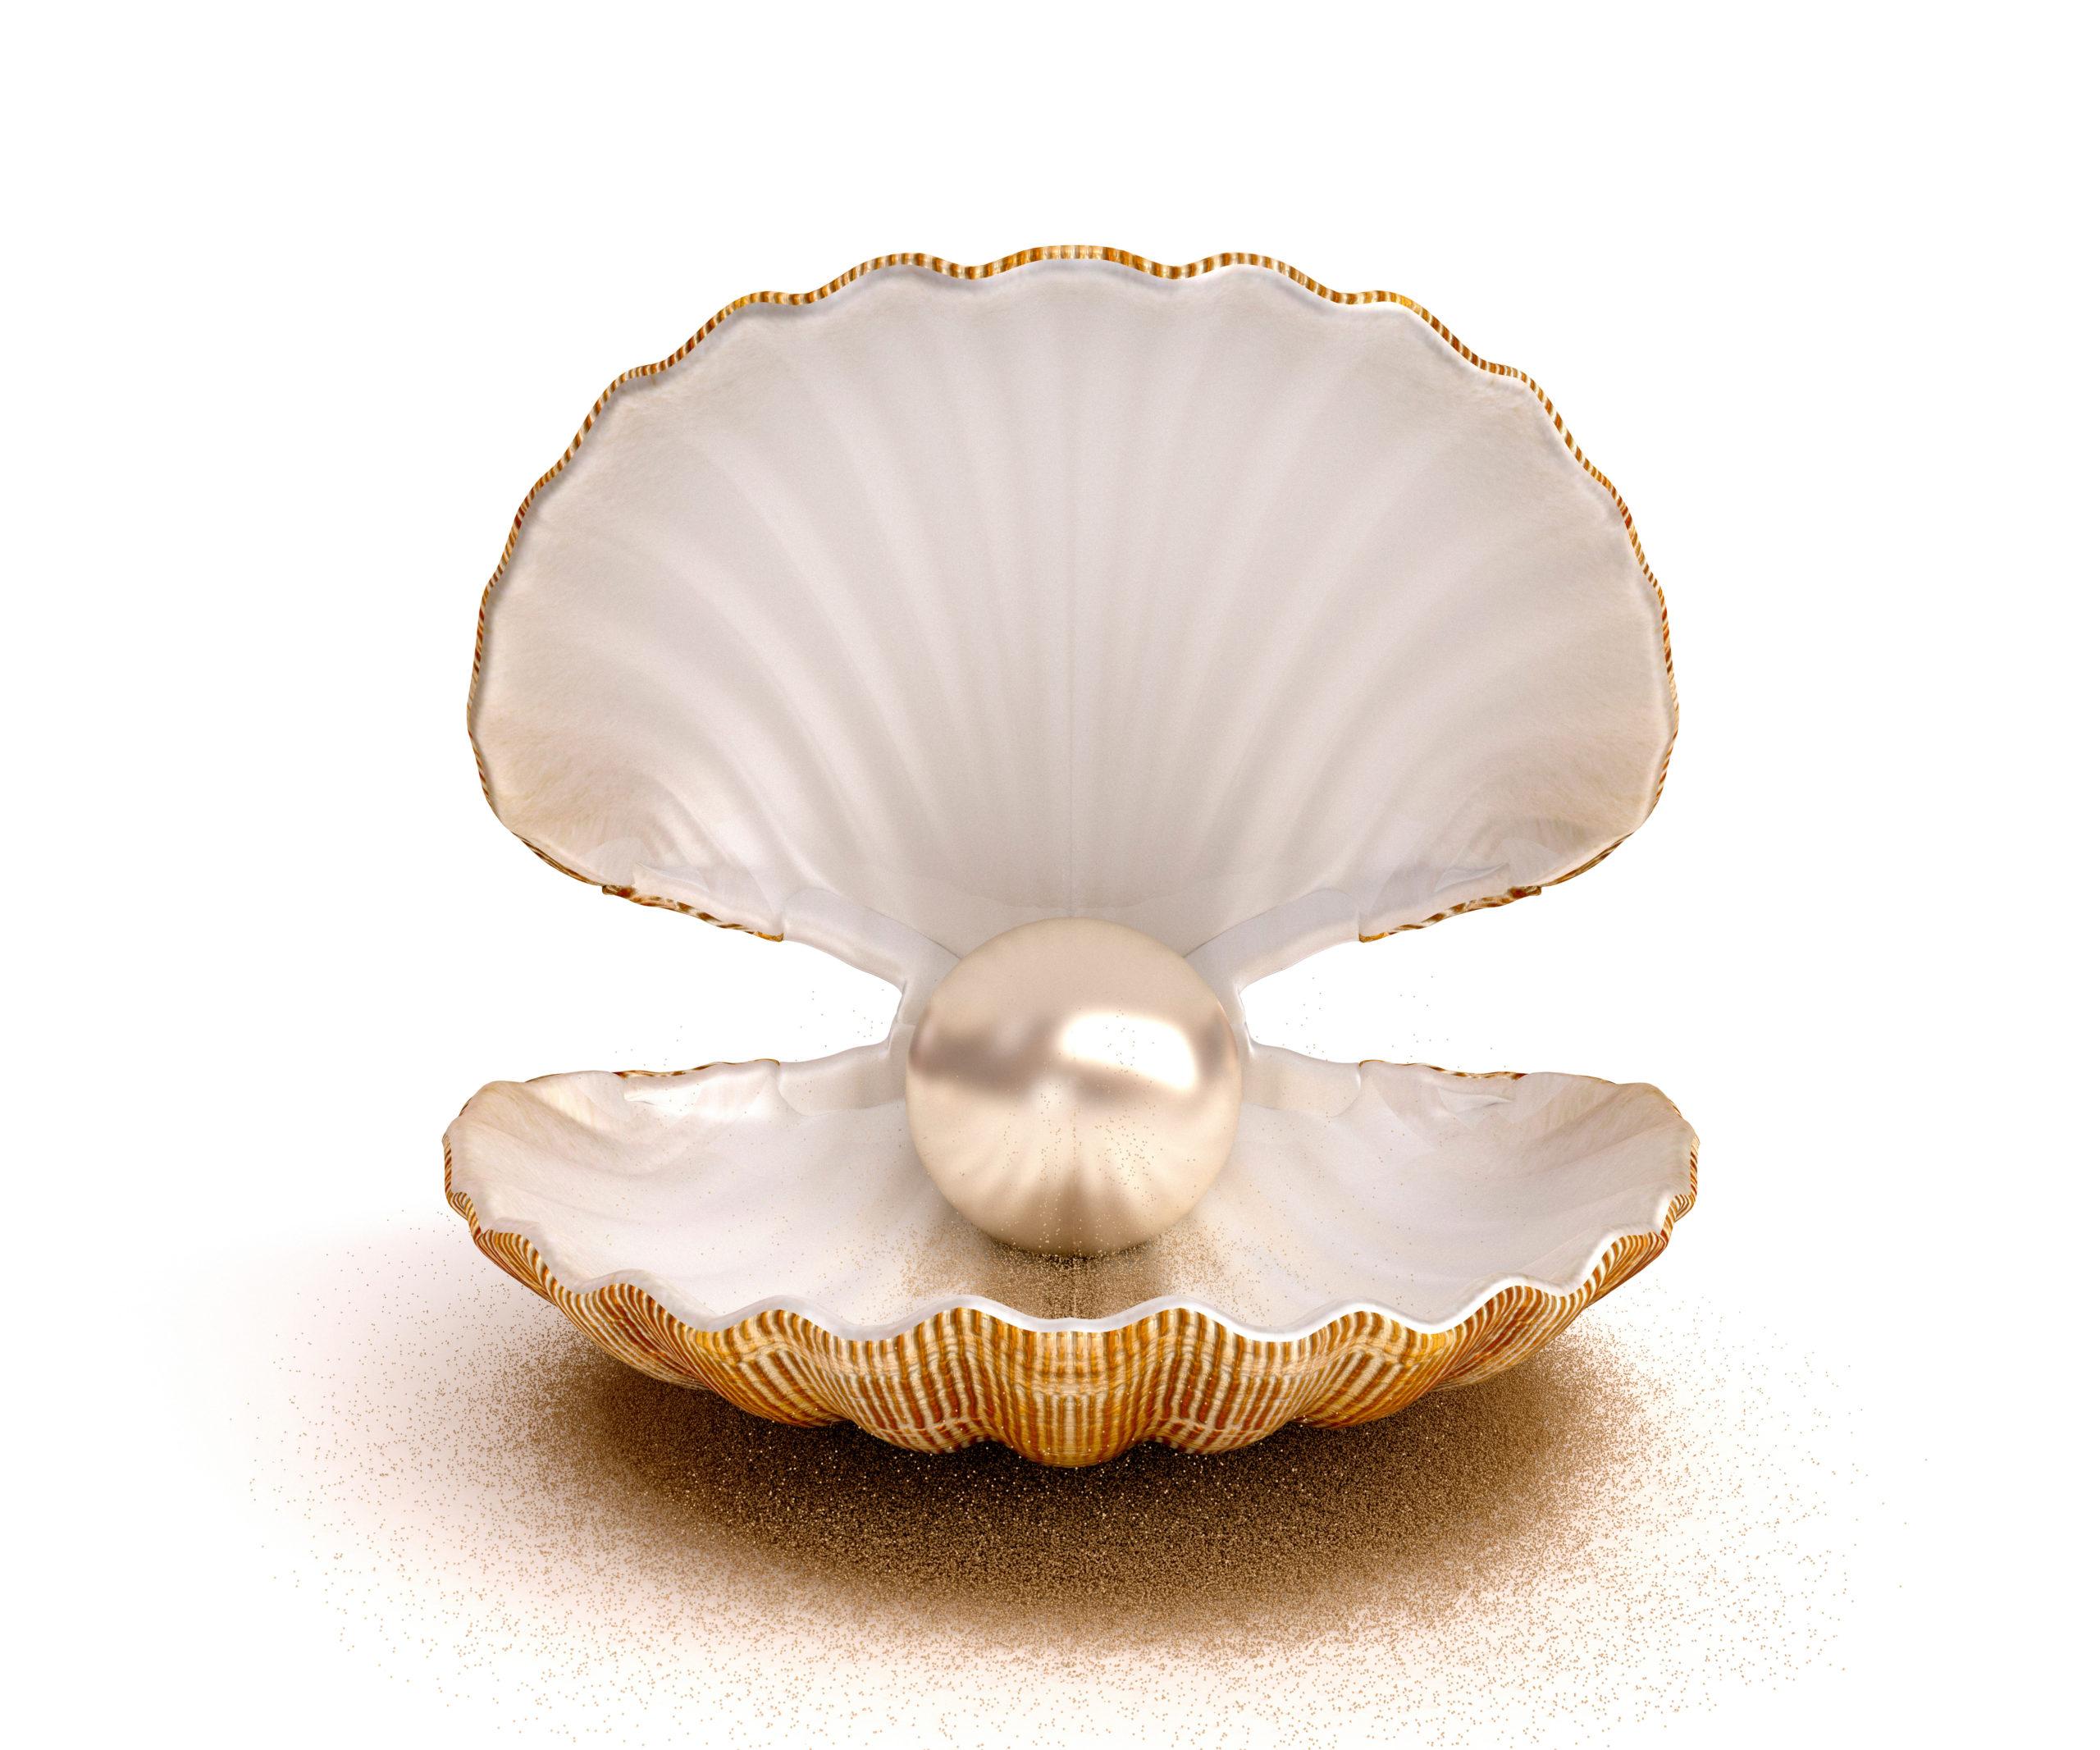 質のいい真珠って? 押さえておきたいパールの見極め方と選び方とは